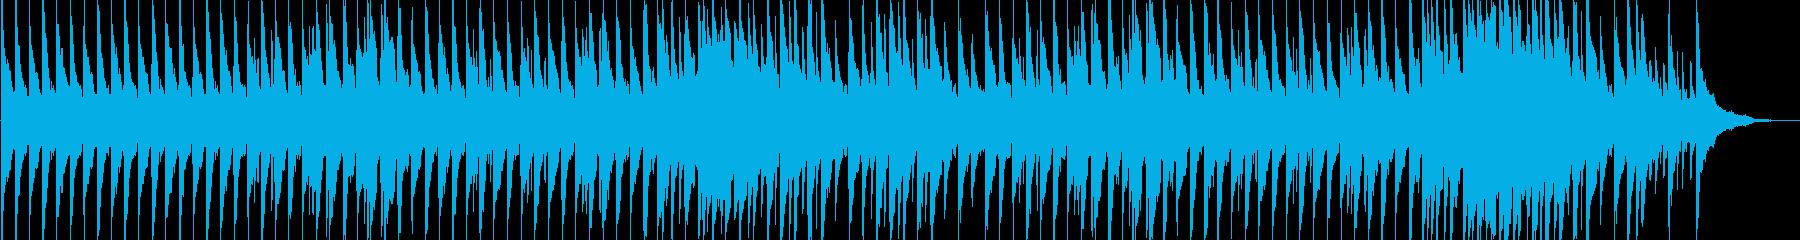 ゆったりとした午後のひと時をイメージの再生済みの波形